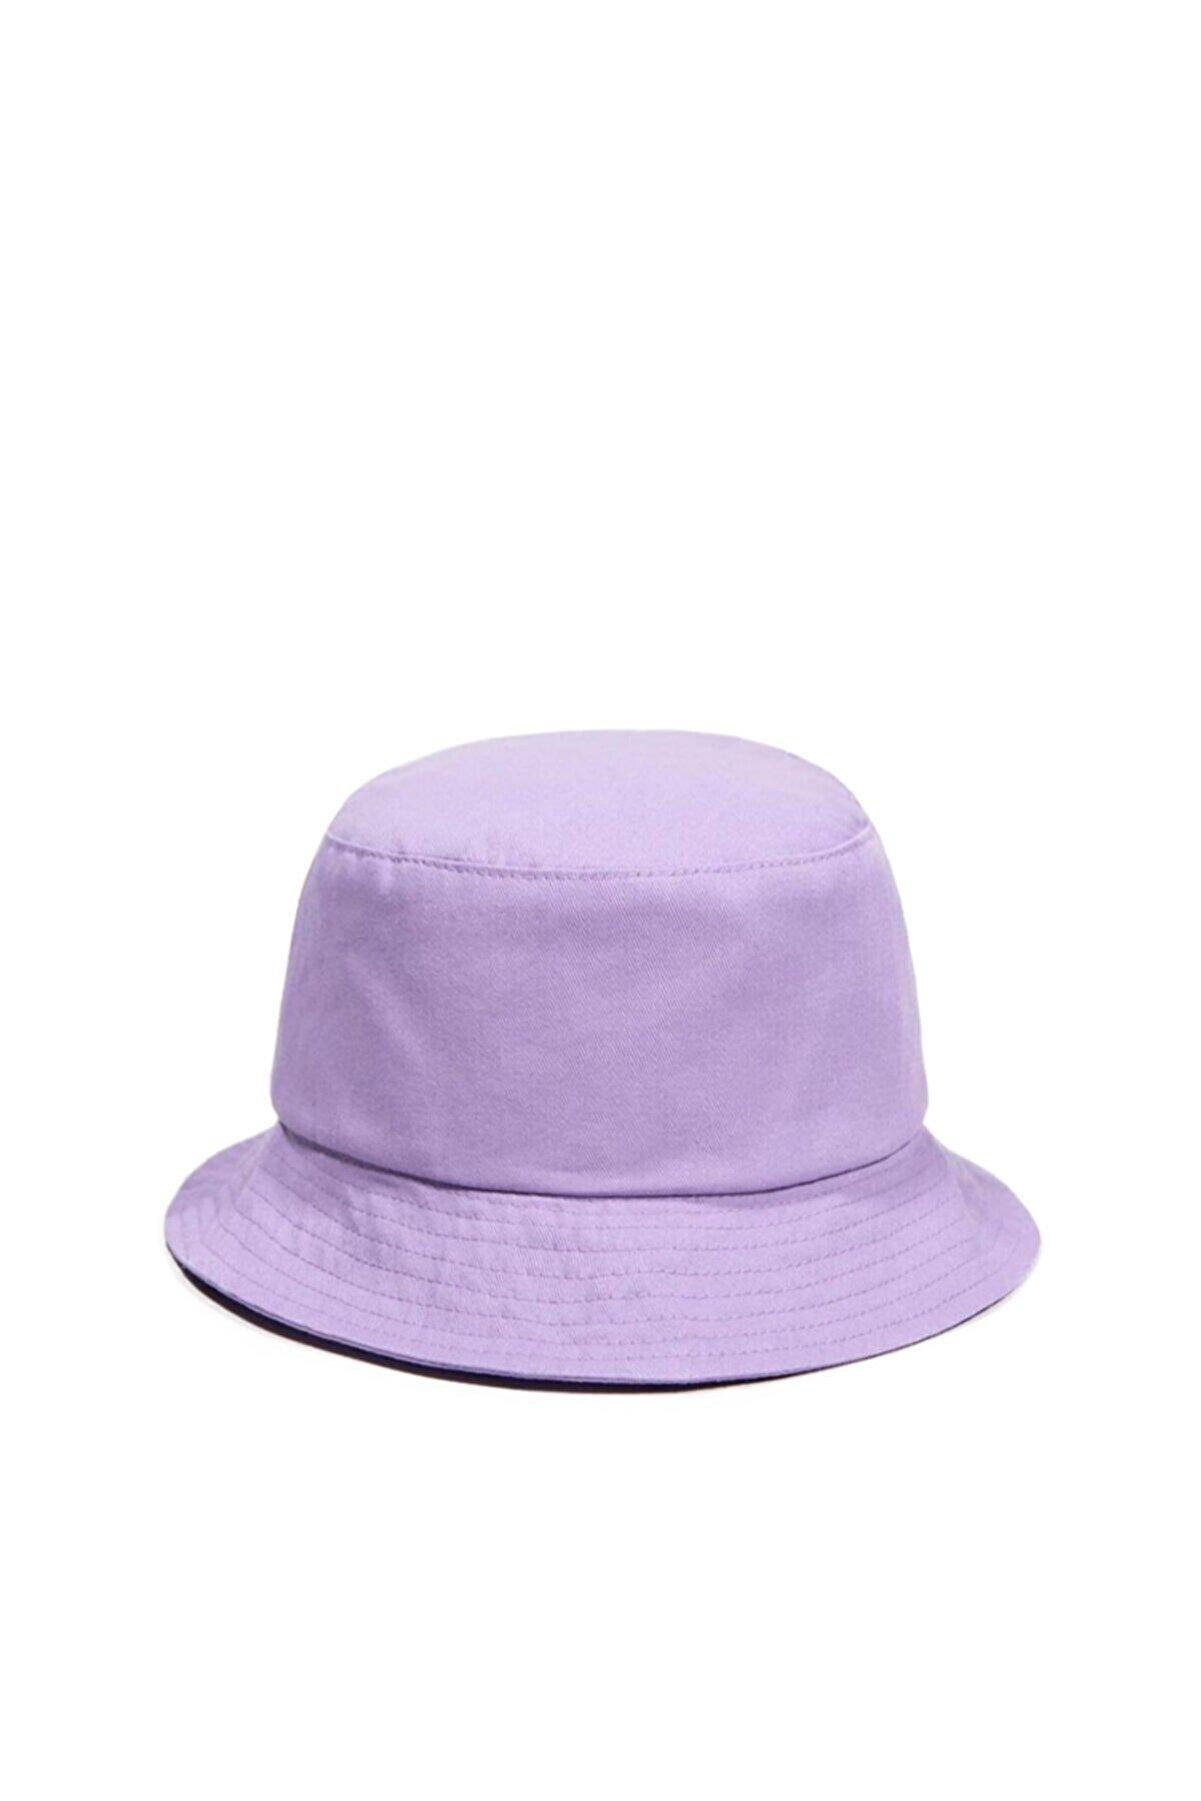 Güce Unisex Lila Balıkçı Bucket Şapka Gc013920